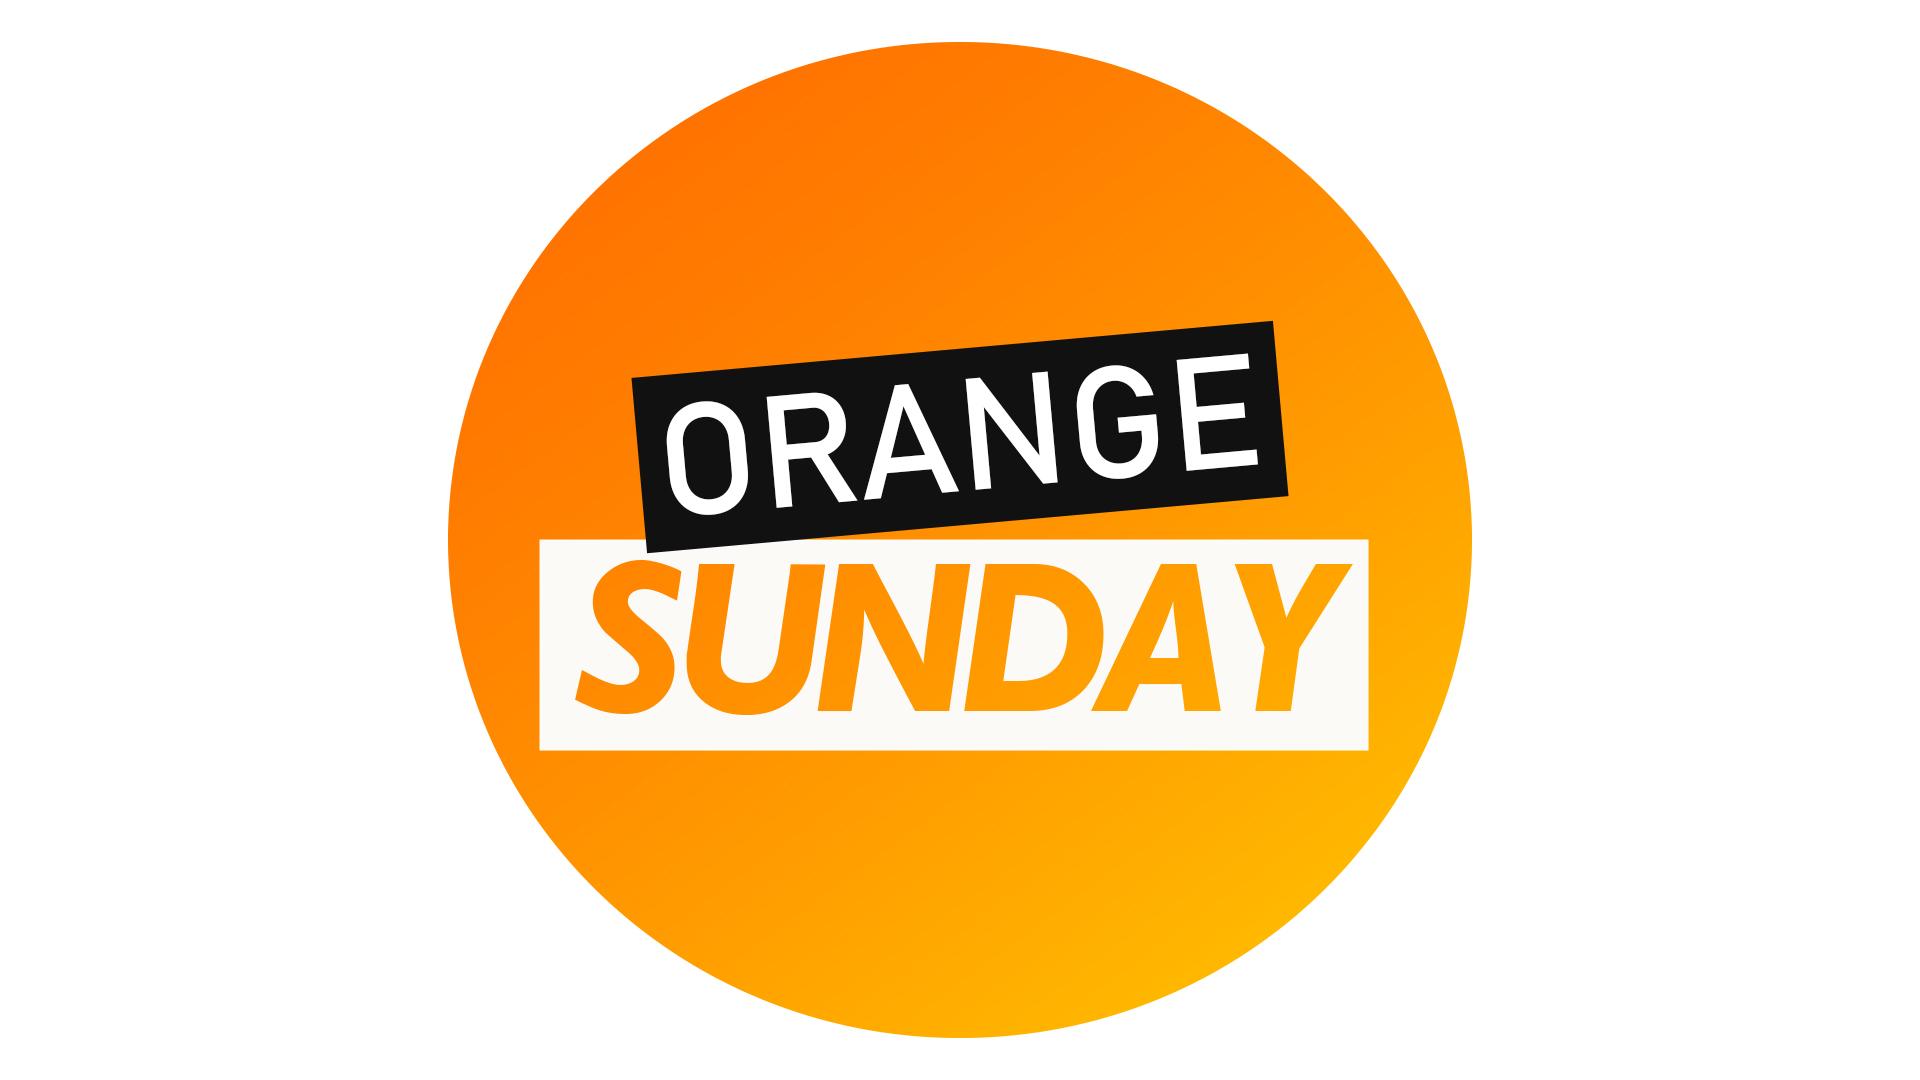 Orange Sunday.jpg